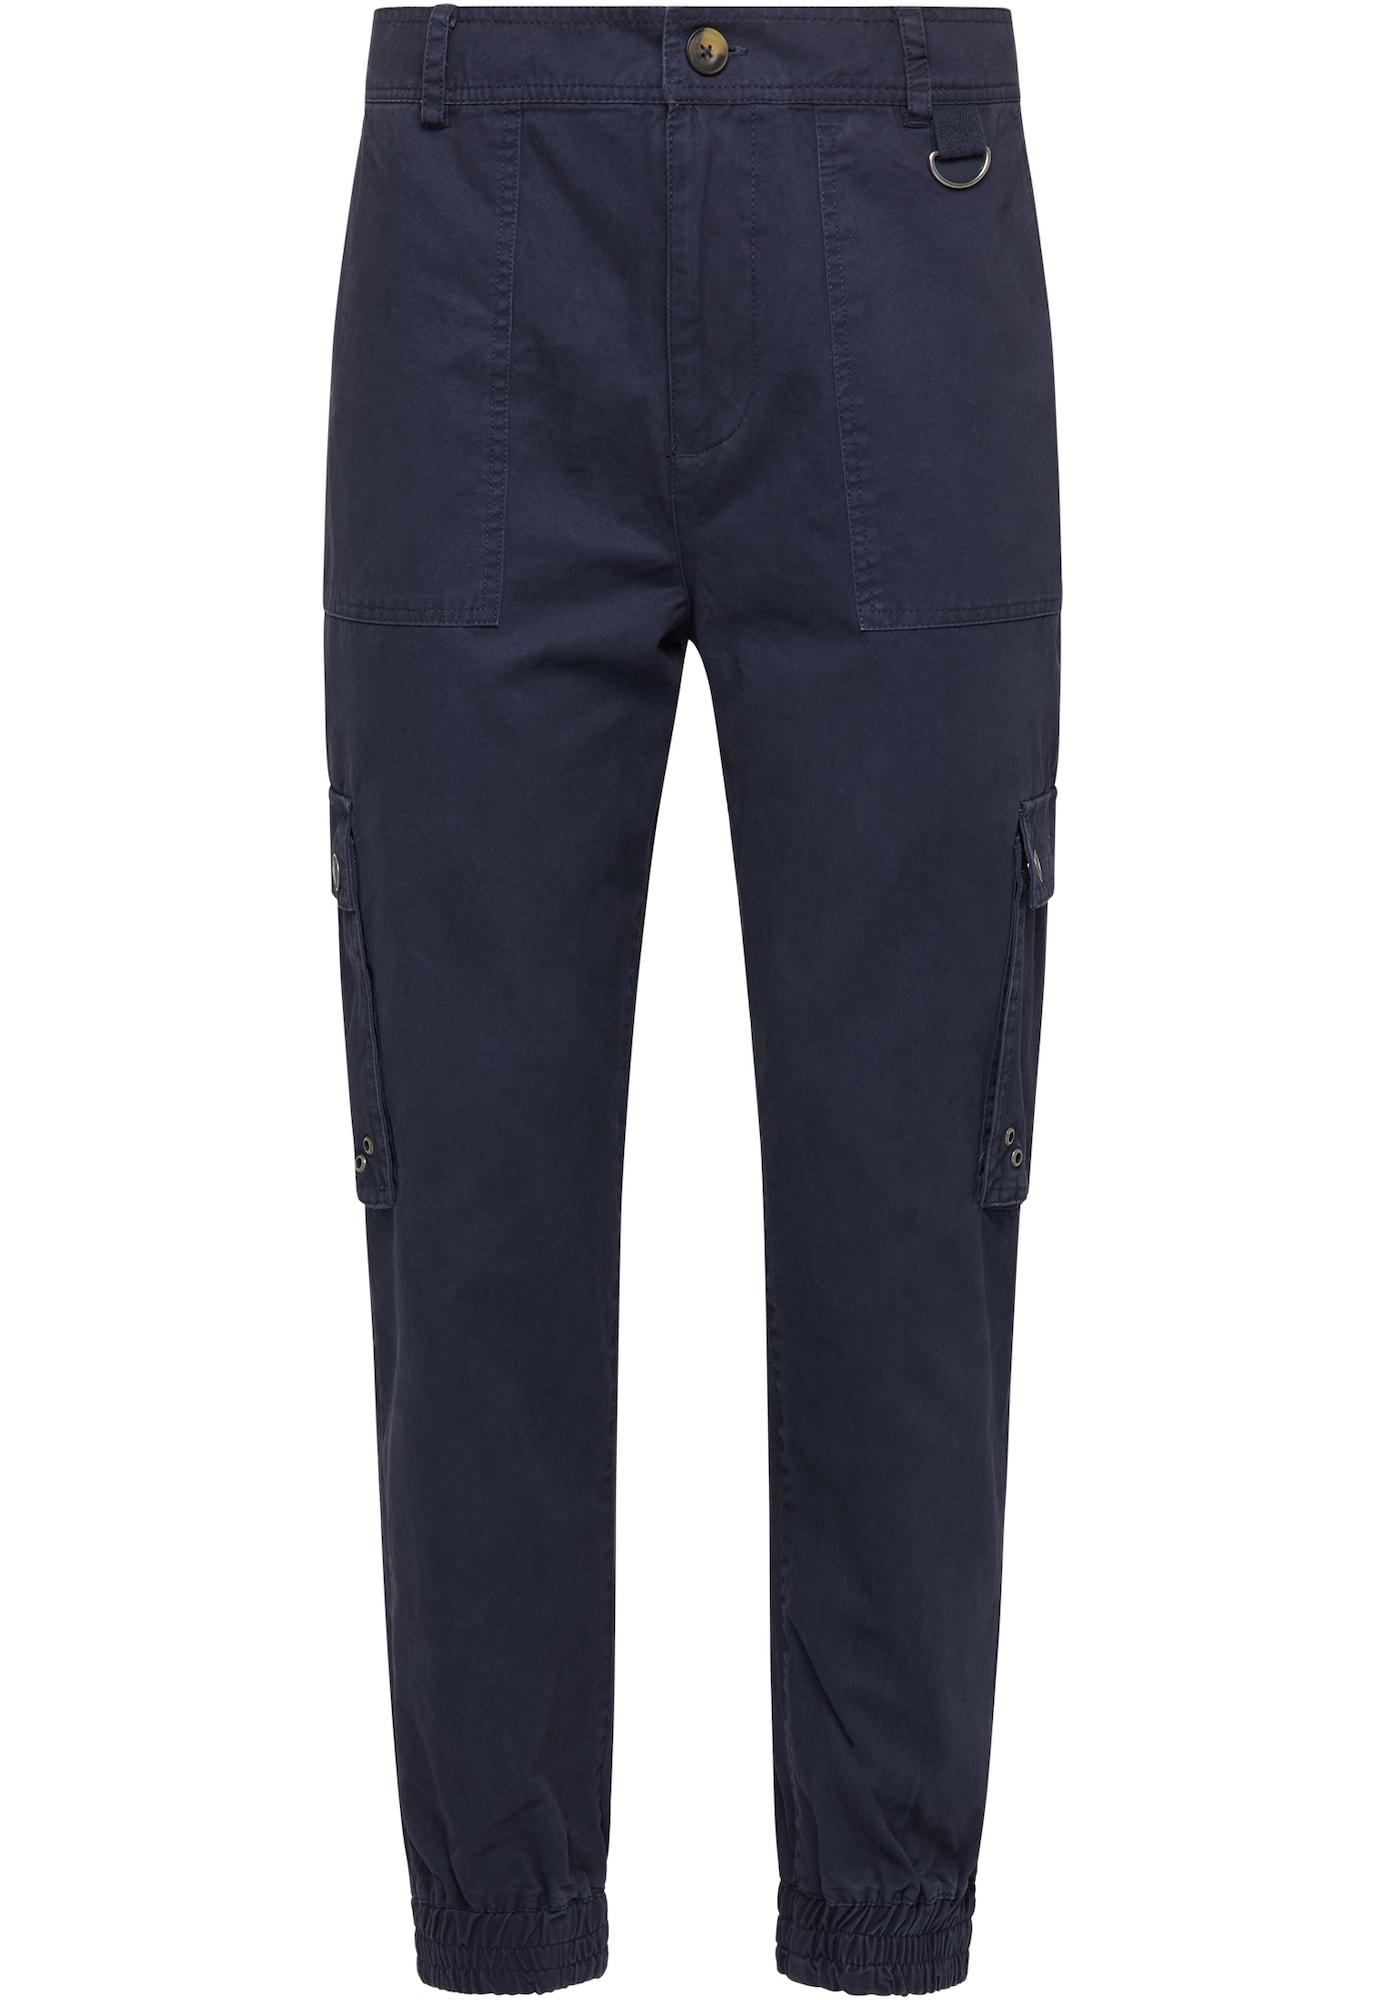 MO Laisvo stiliaus kelnės tamsiai mėlyna